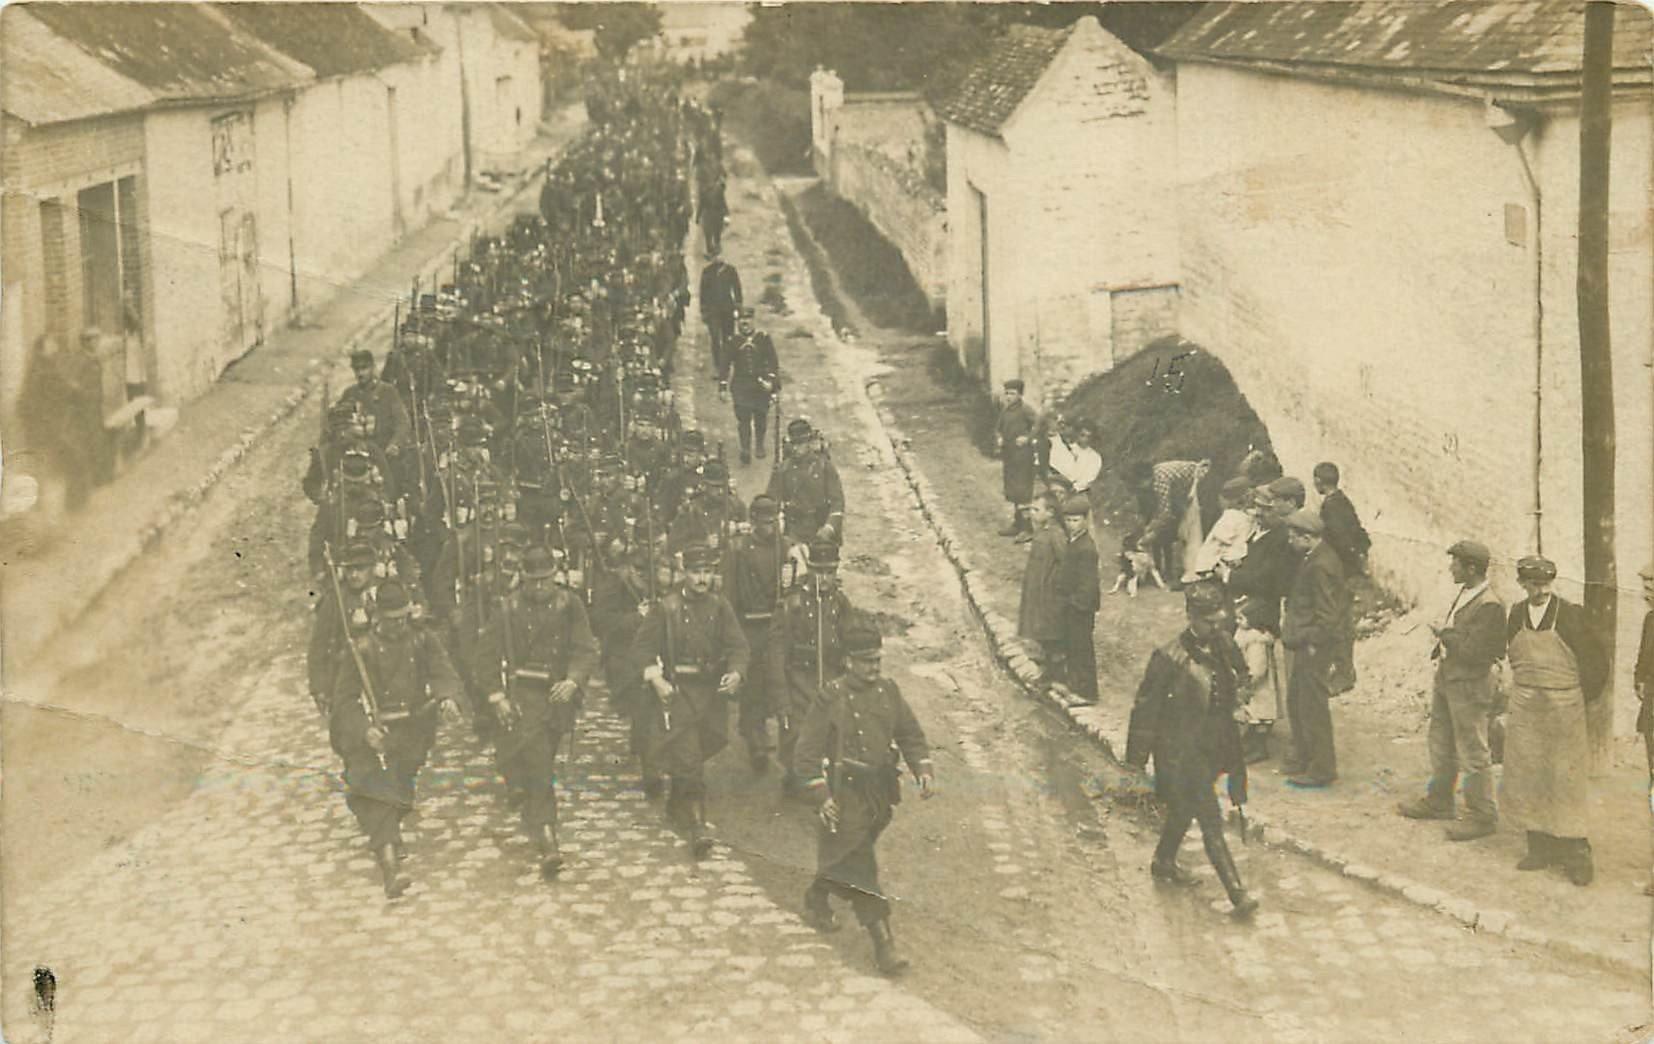 02 camp de sissonne d fil parades de conscrits for Sissonne 02